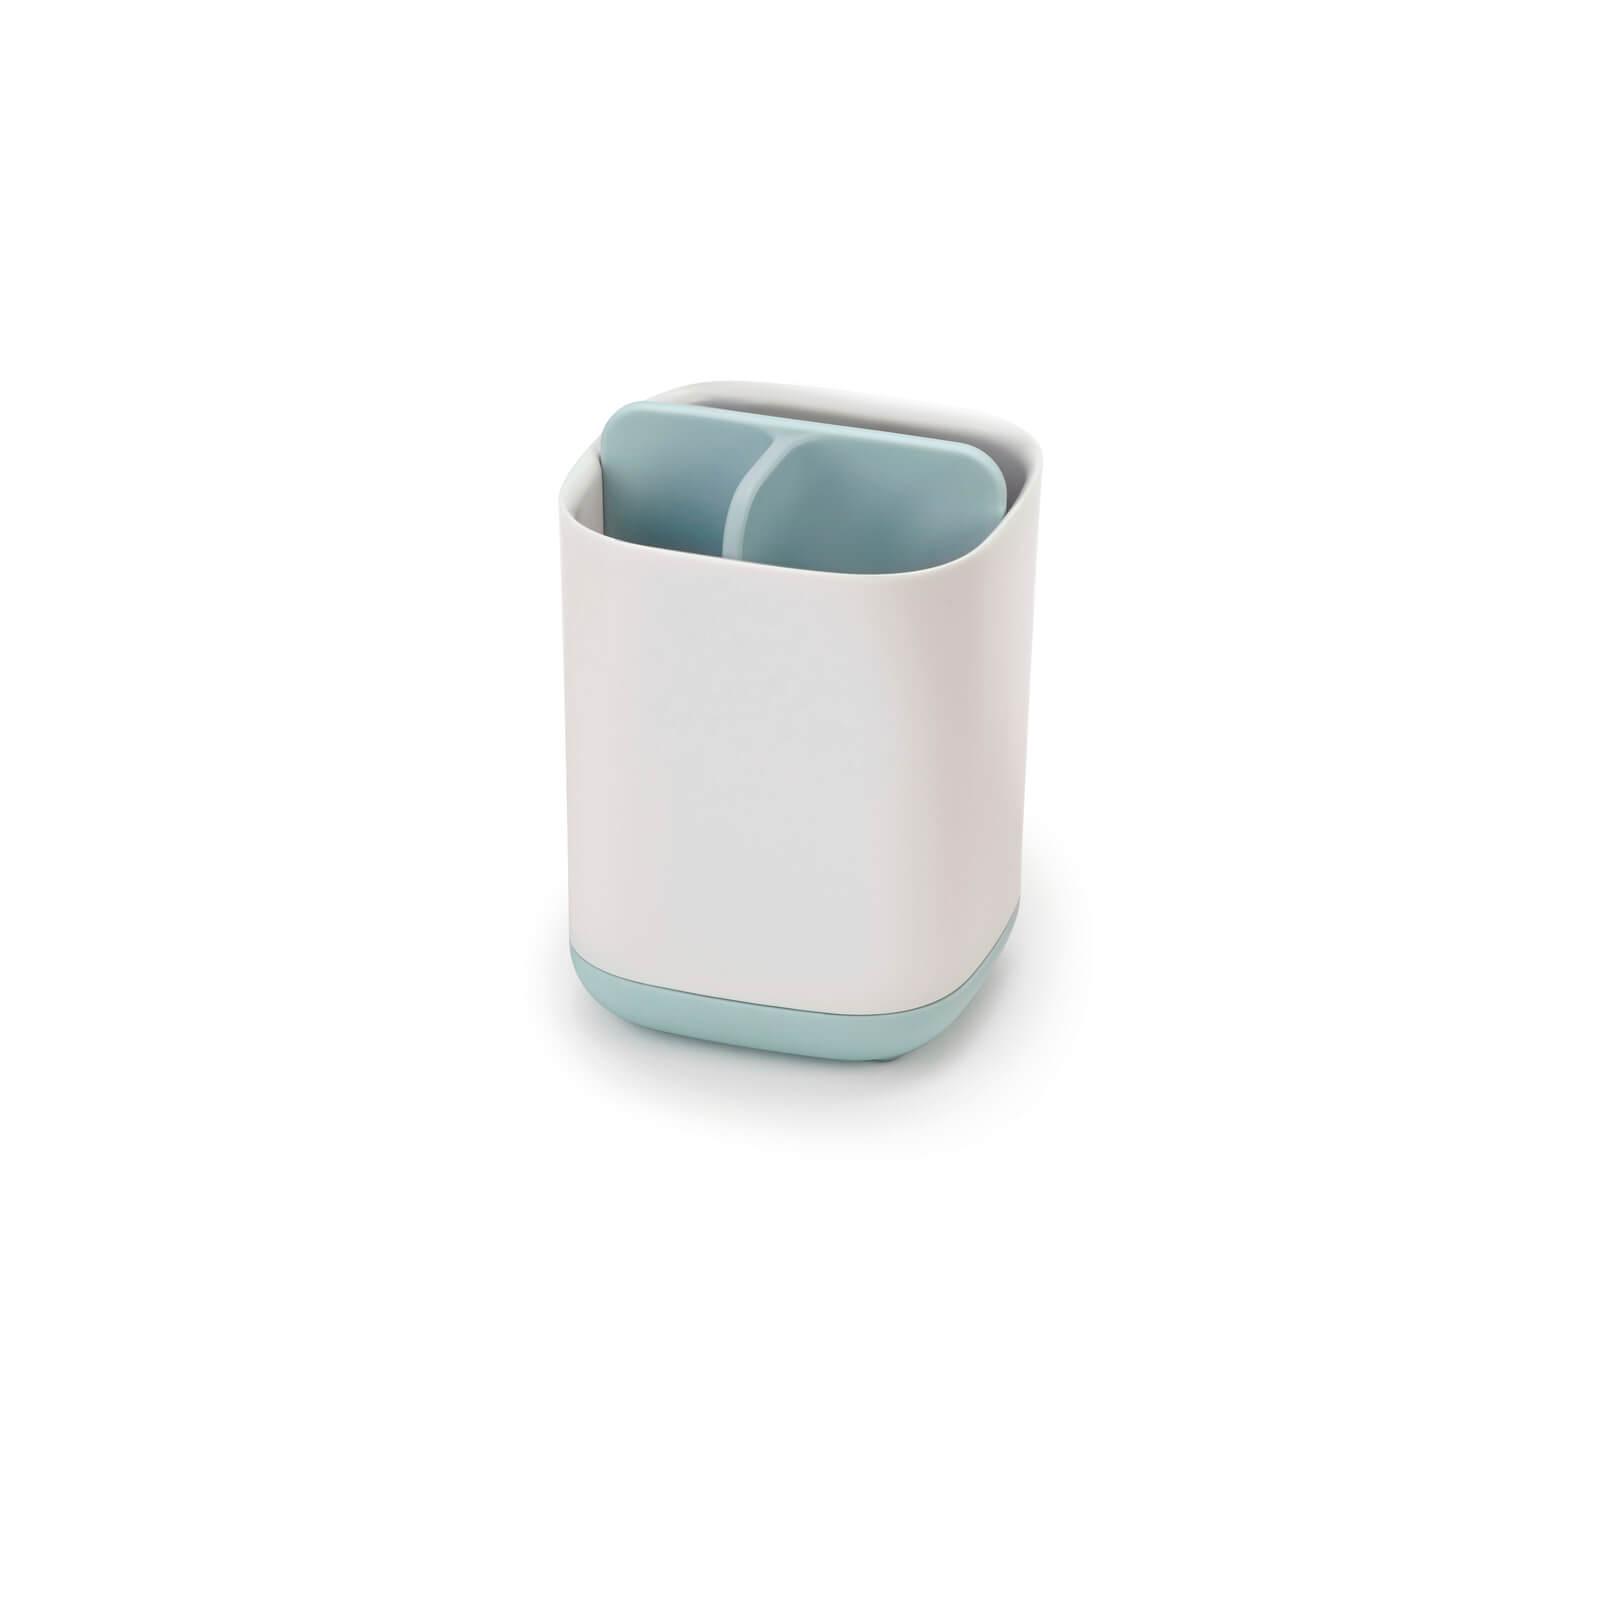 Онлайн каталог PROMENU: Органайзер для ванной Joseph Joseph, 8,4х12,7 см, голубой Joseph Joseph 70500